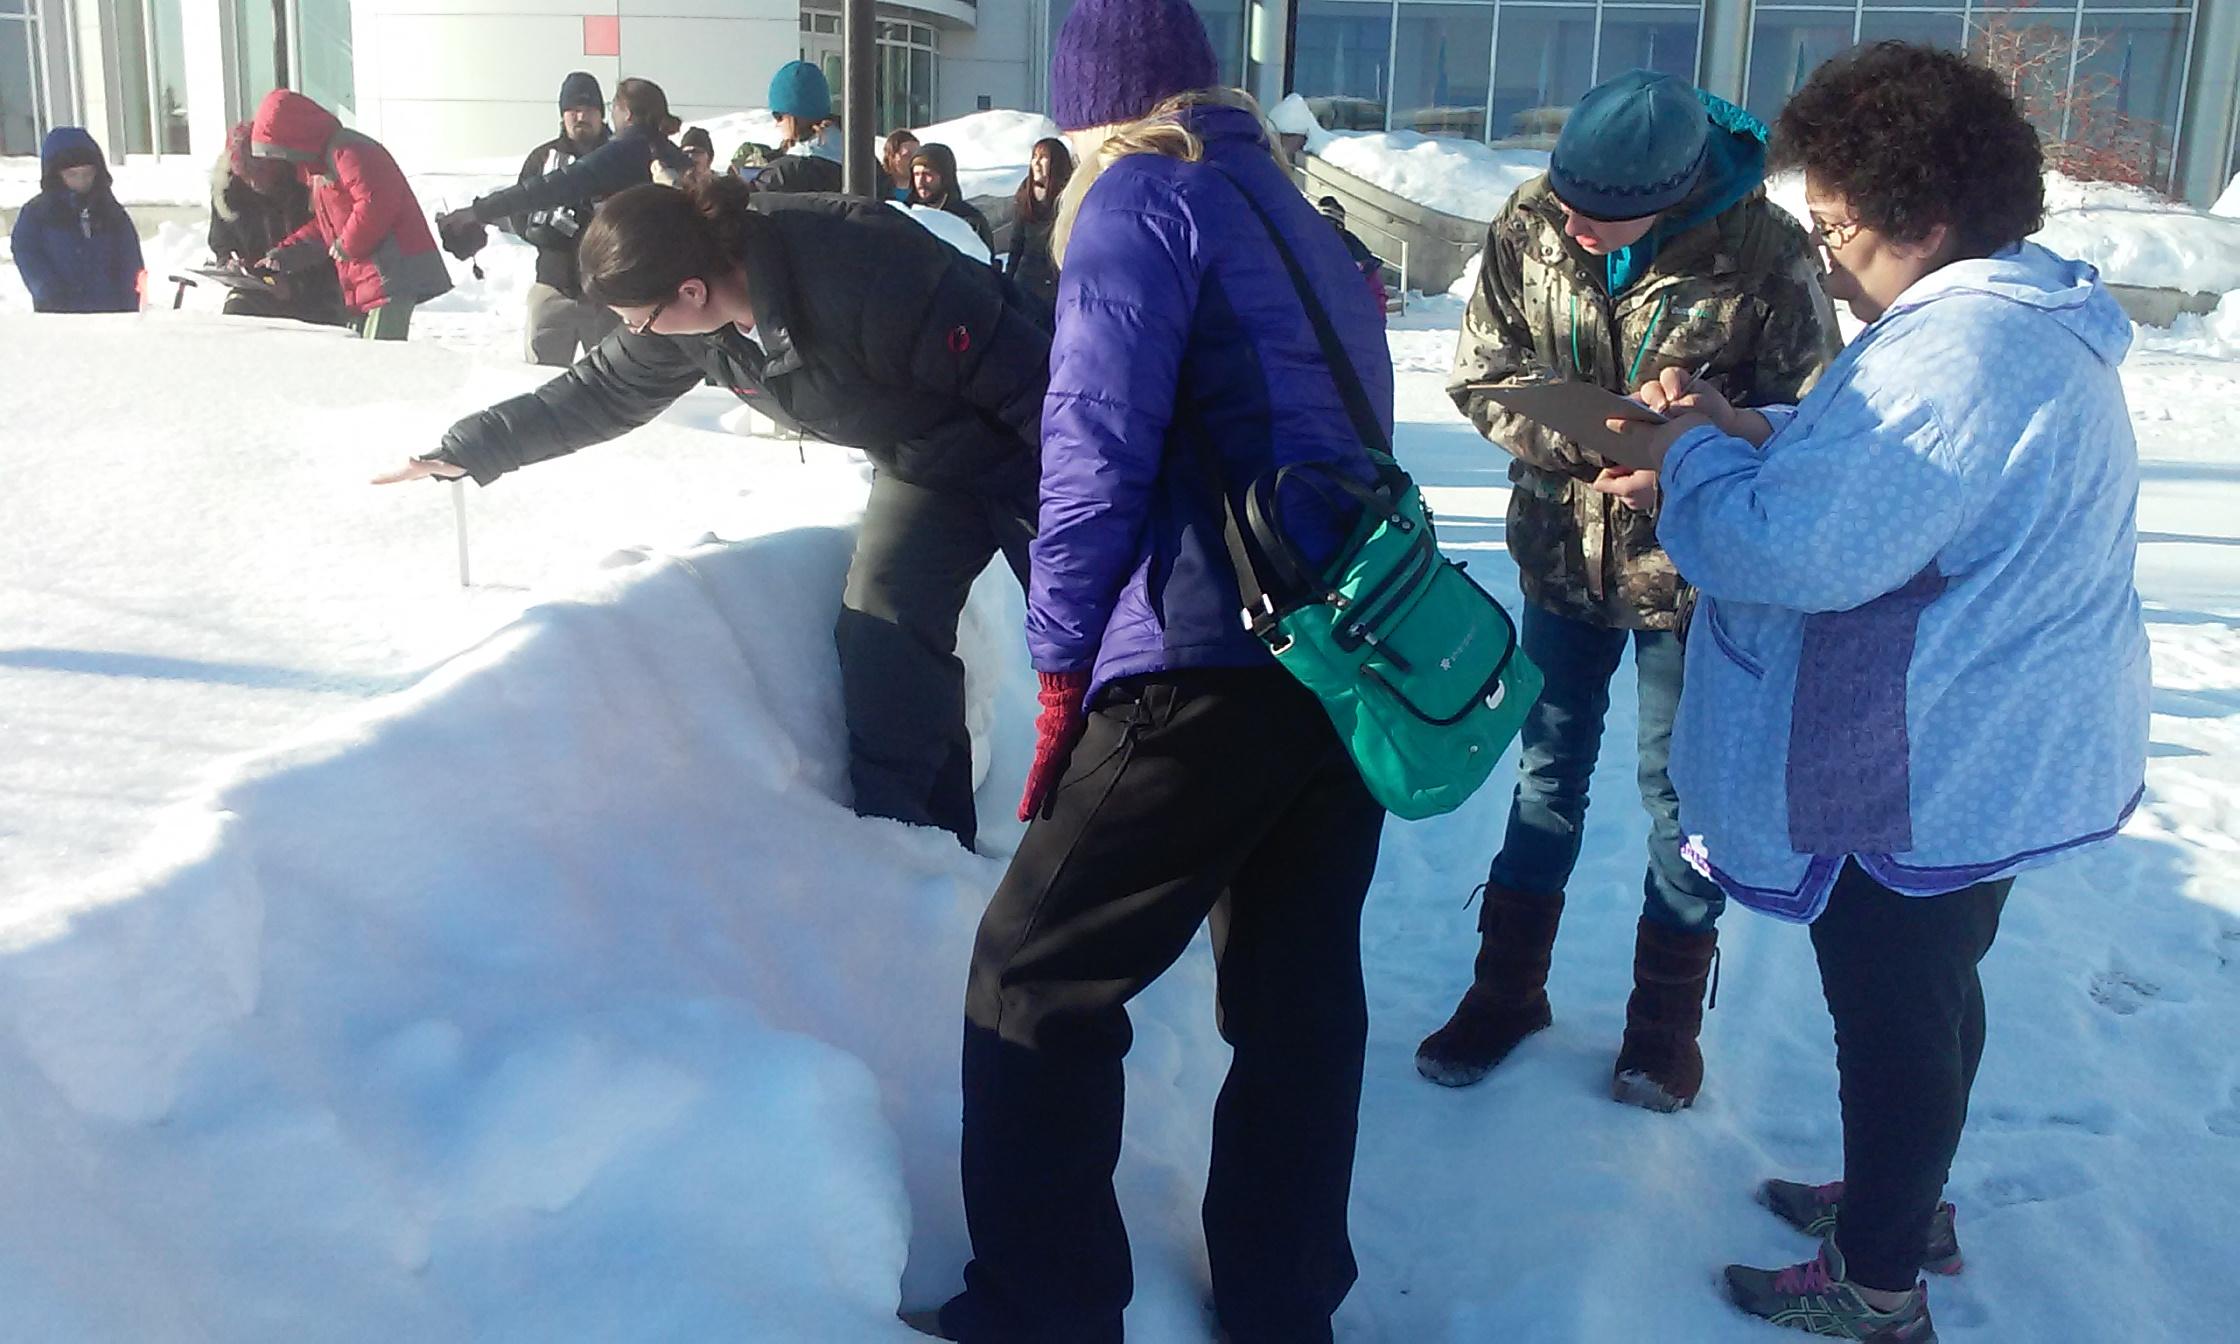 Measuring total snowfall